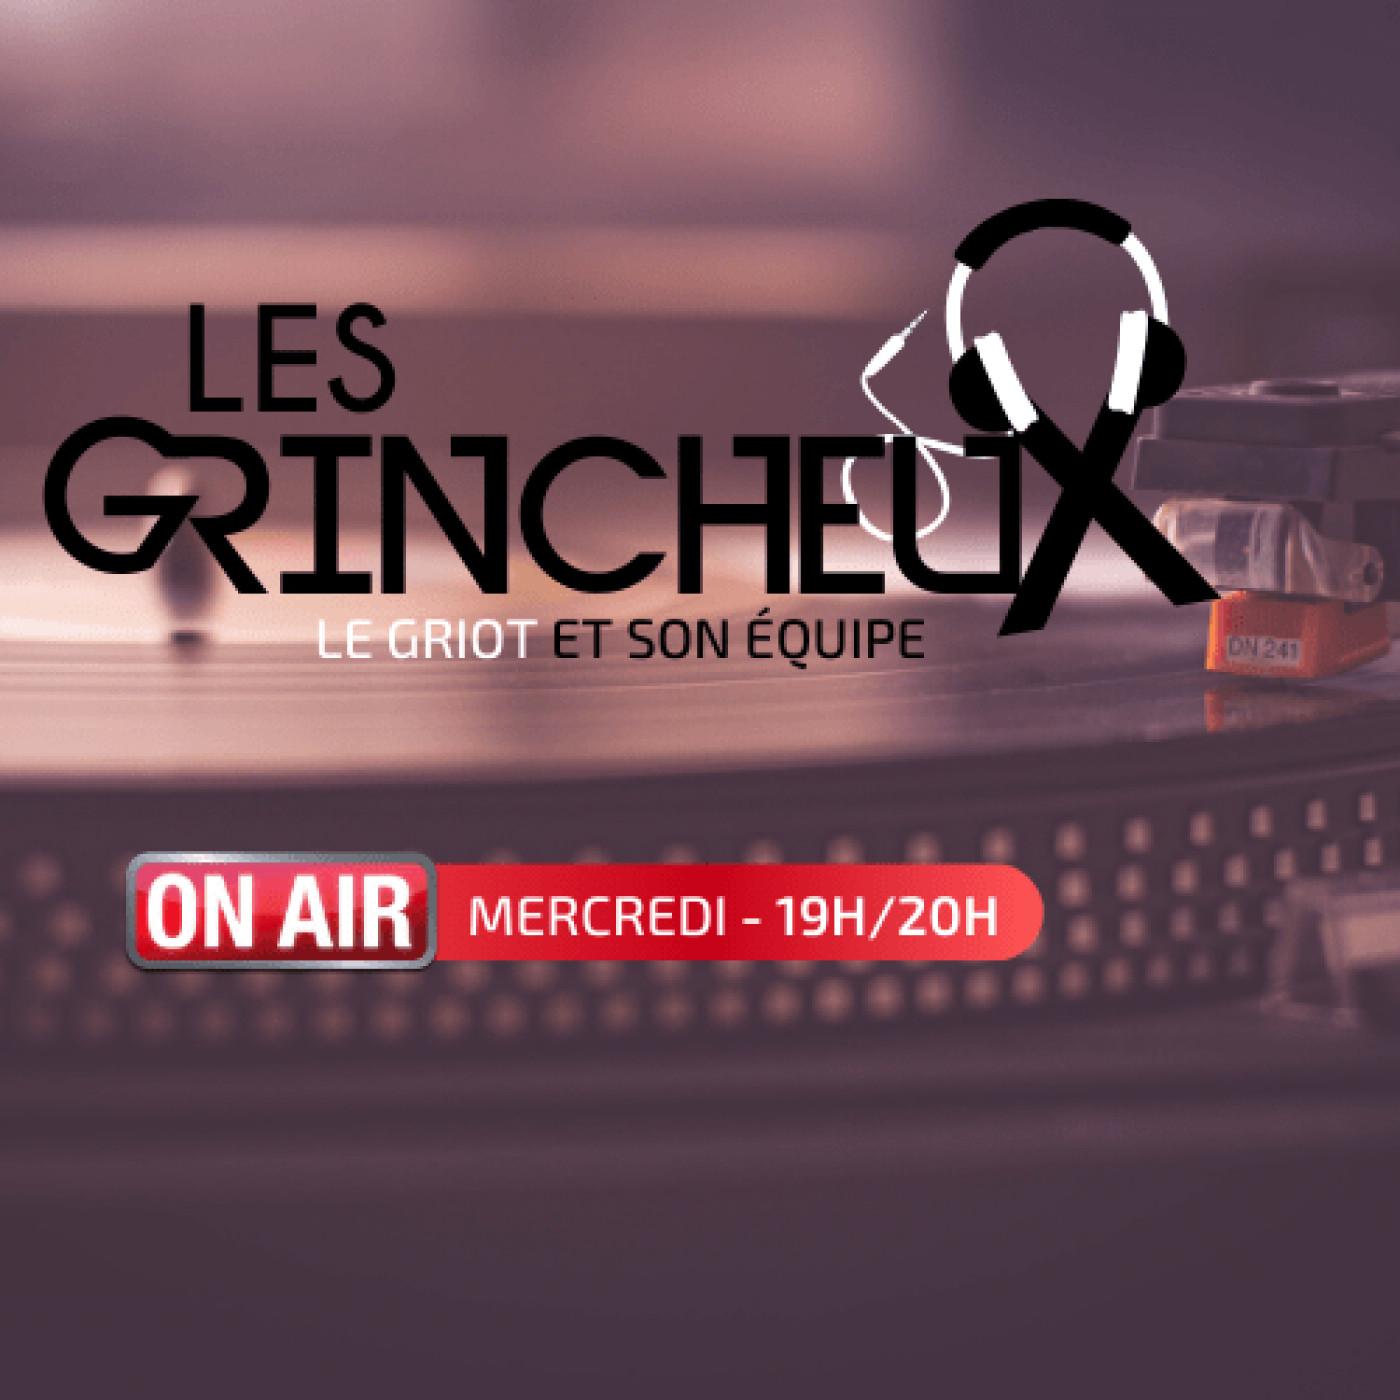 Les Grincheux (Le Griot et son équipe) (11/03/20)